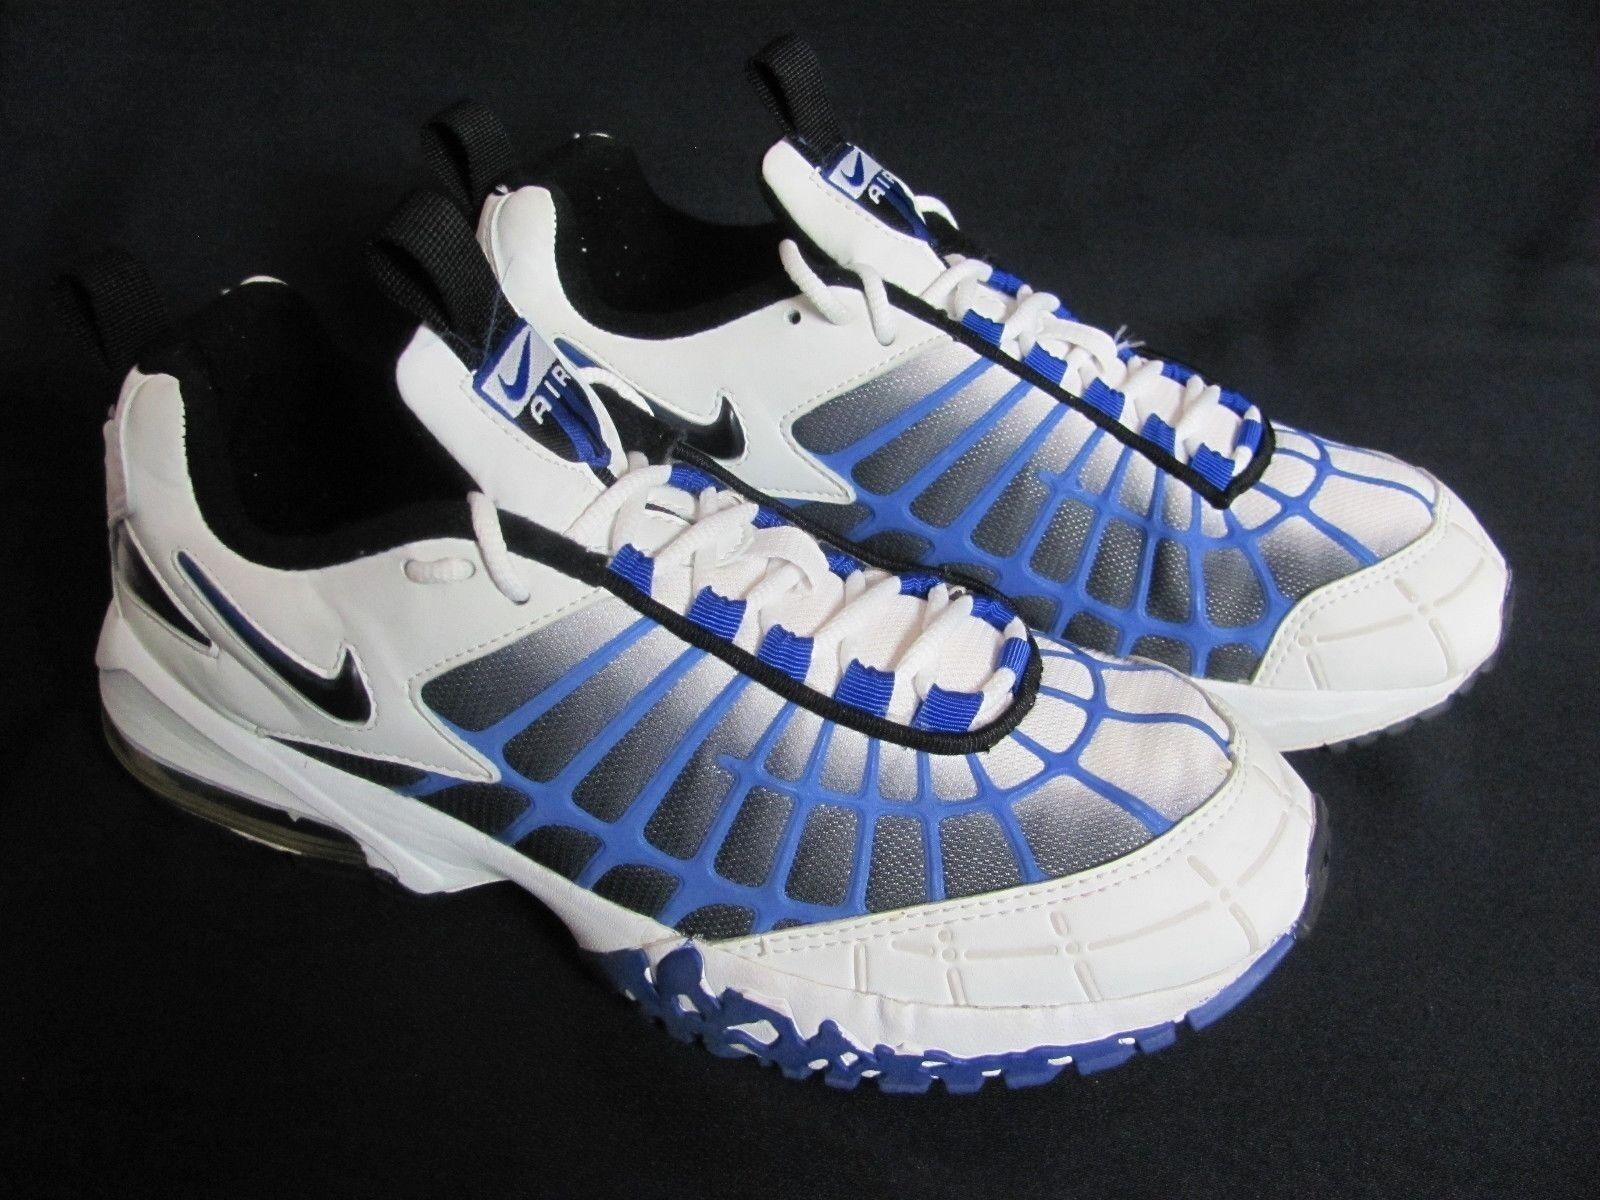 Nike 1999 Air Max Spider Web diseño blanco Varsity especial Azul Hombre us 8,5 especial Varsity de tiempo limitado da5eea